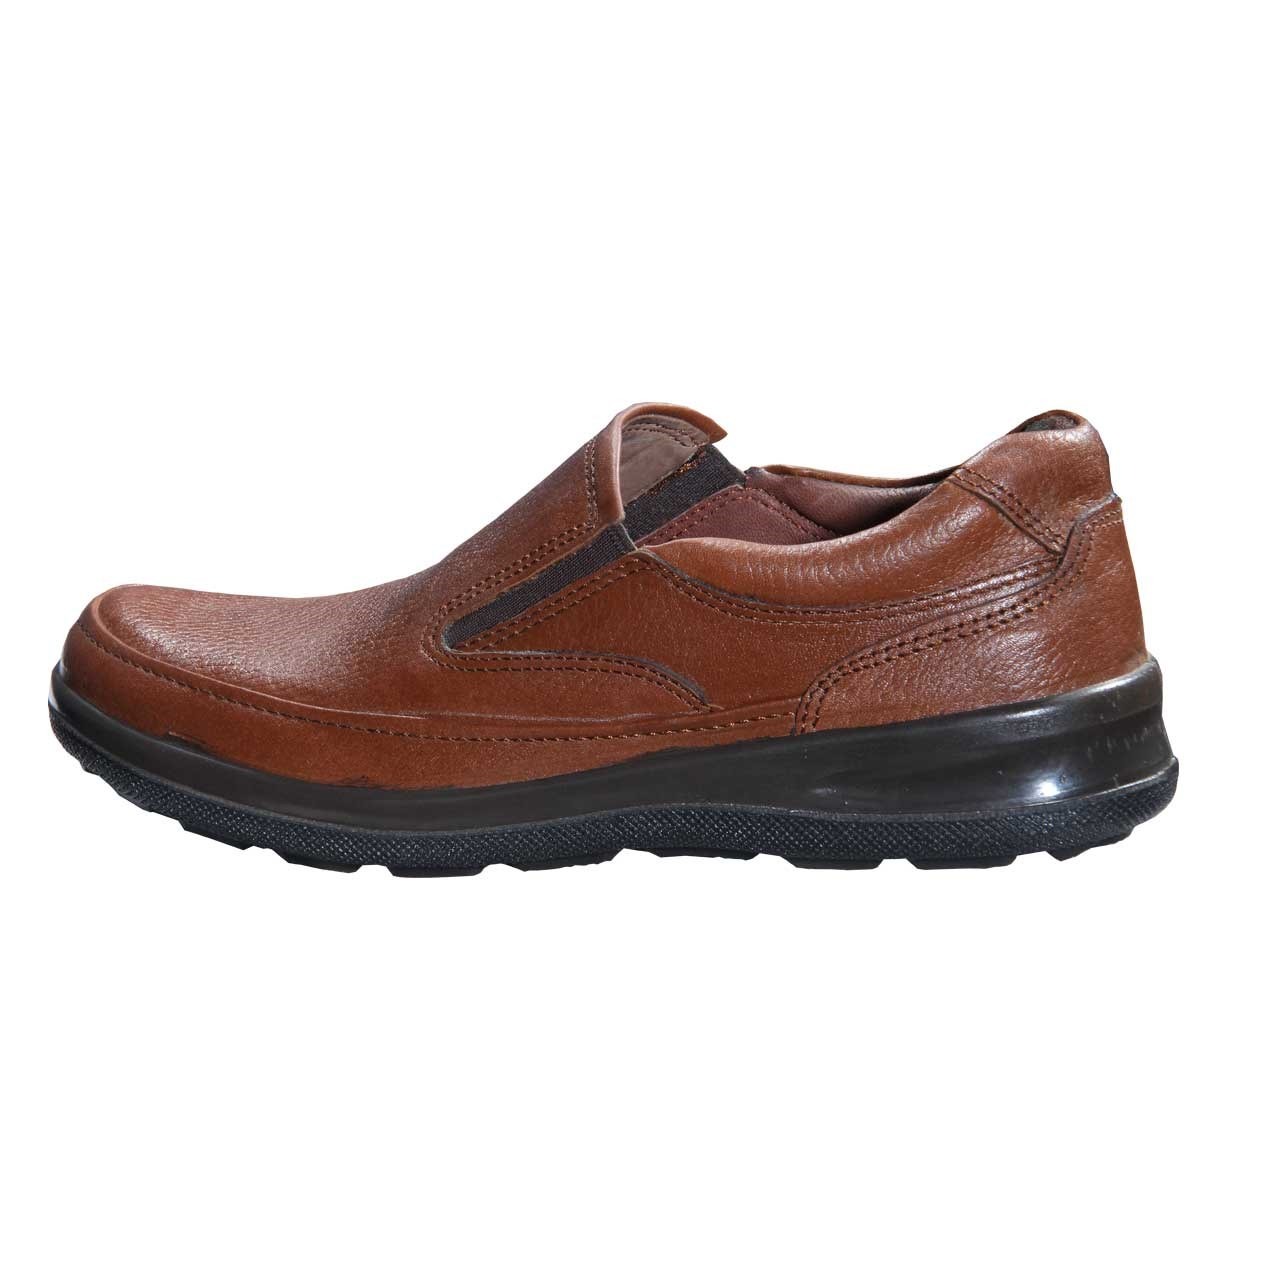 خرید کفش مردانه مدل گریدر